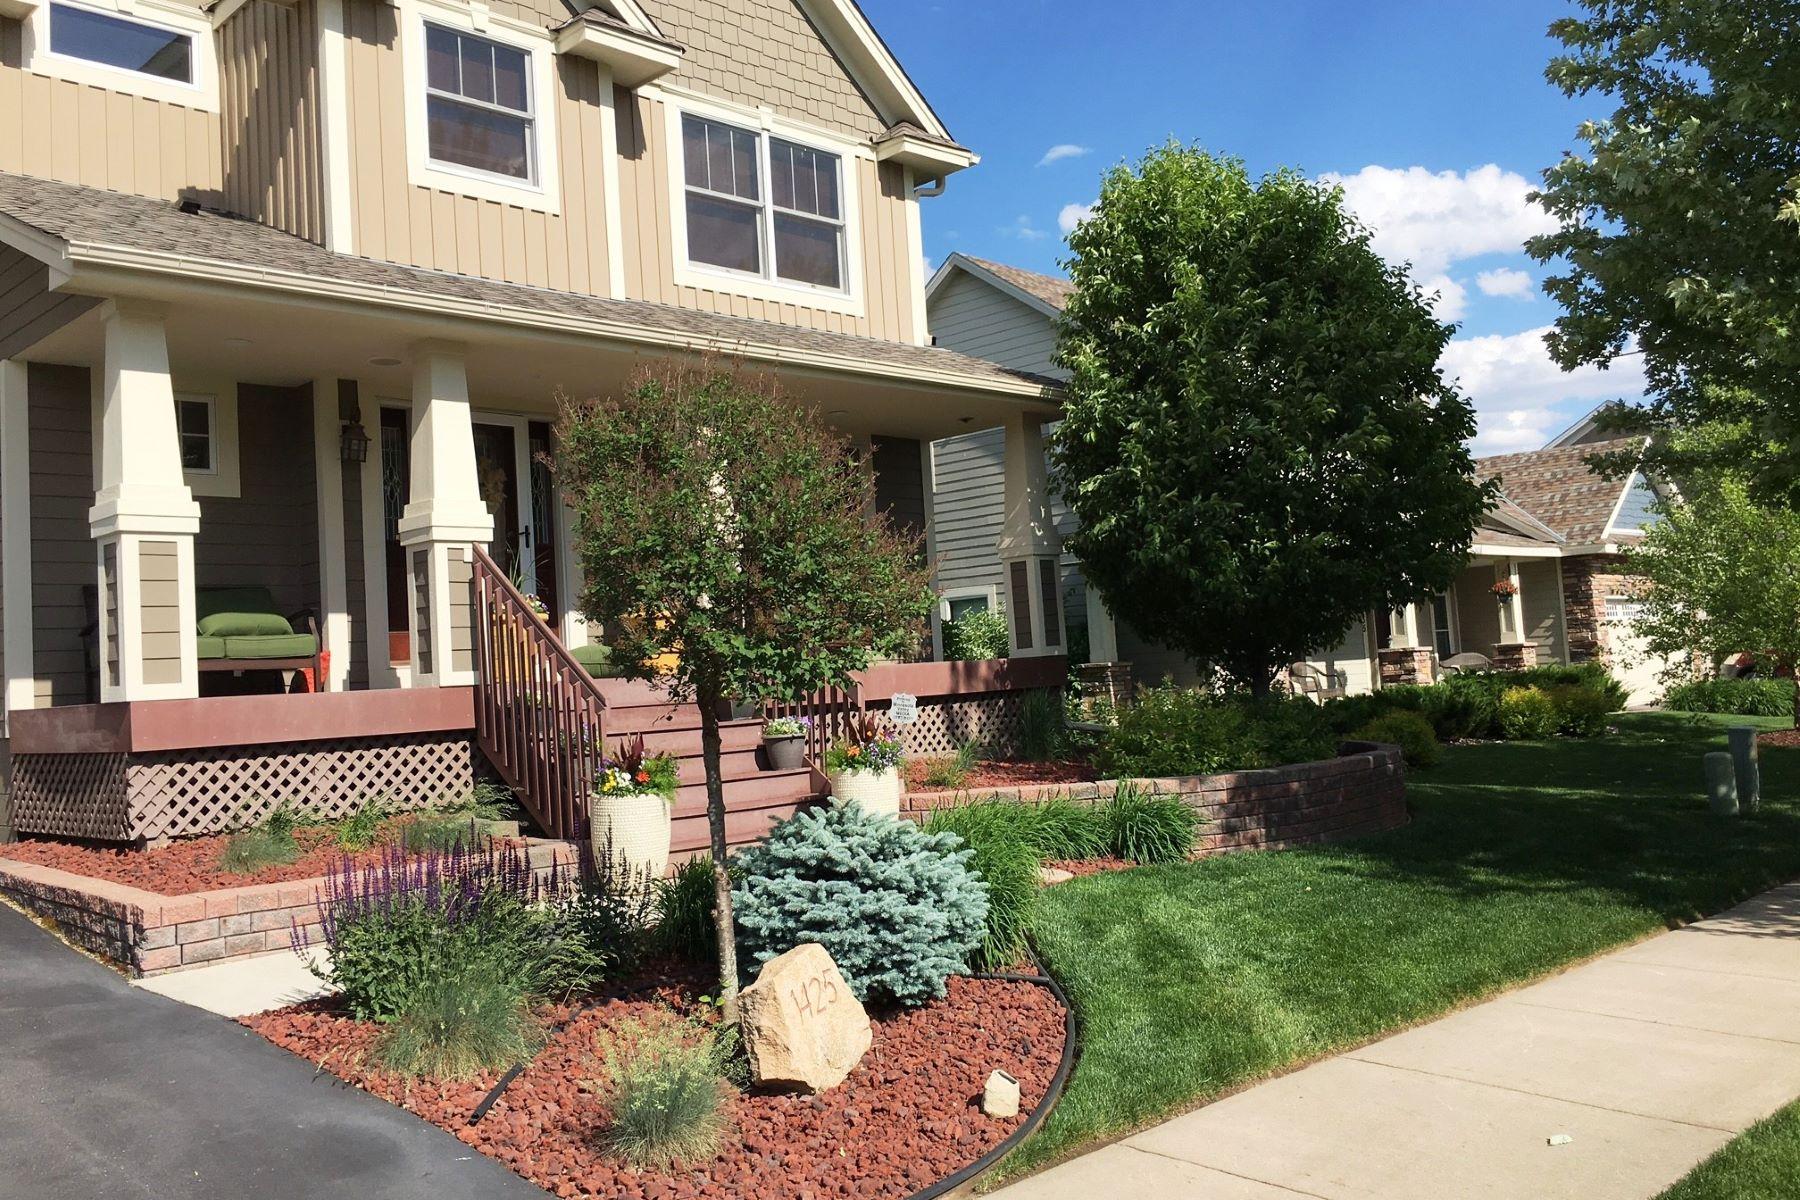 独户住宅 为 销售 在 1425 Whistler Point Road 伍德伯里, 明尼苏达州, 55129 美国